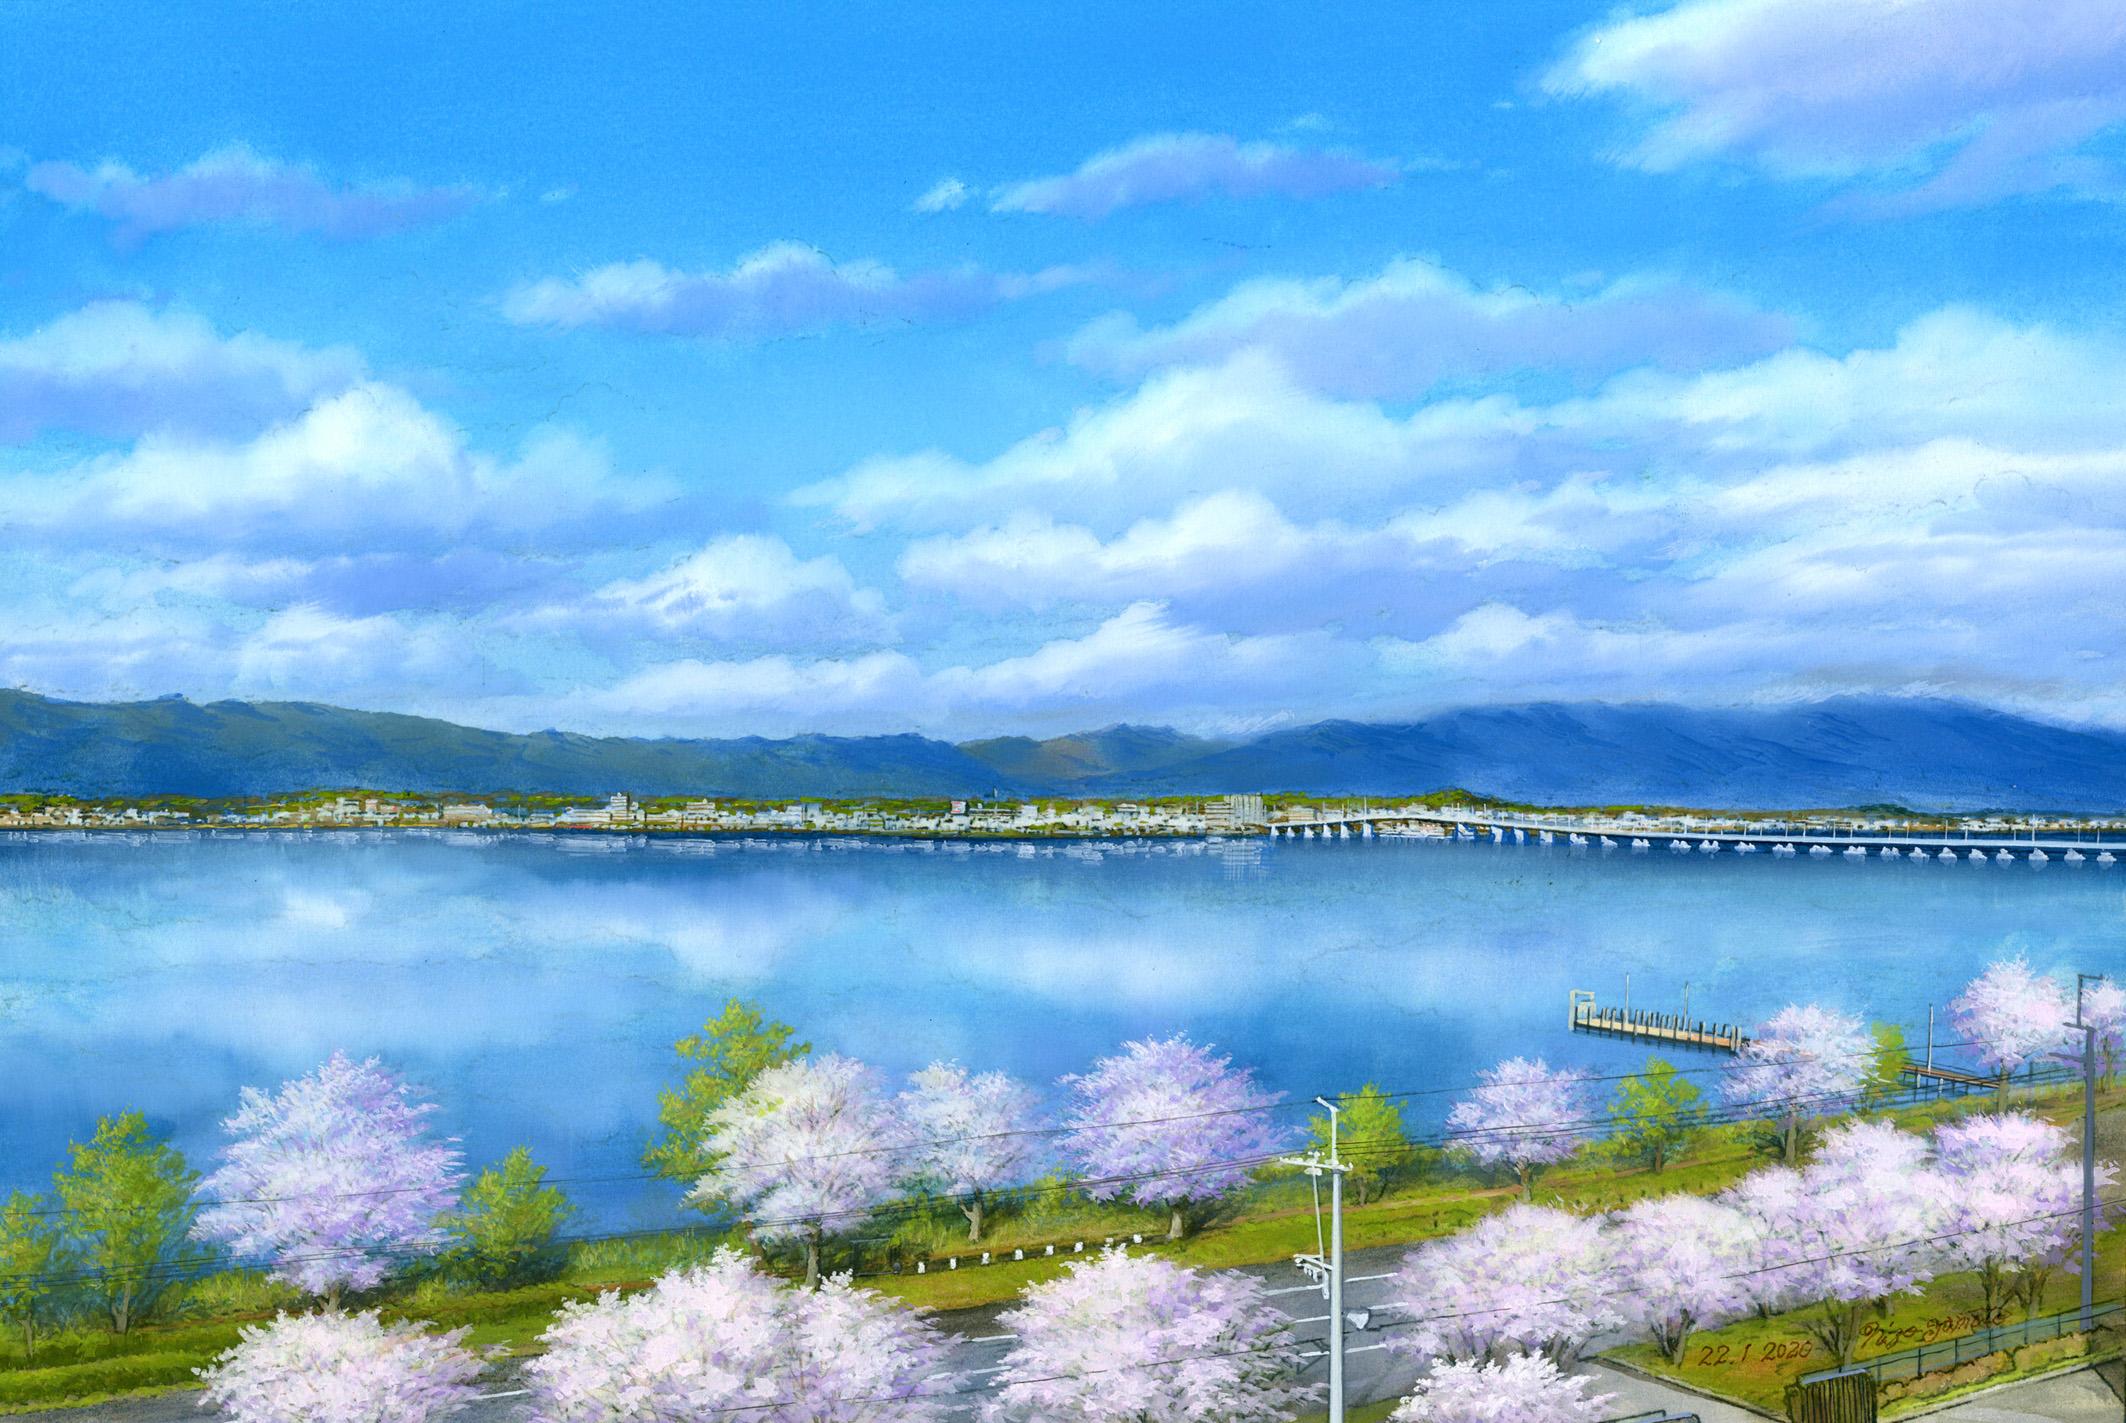 06.《卯月の琵琶湖》 2020年 (C)山本二三